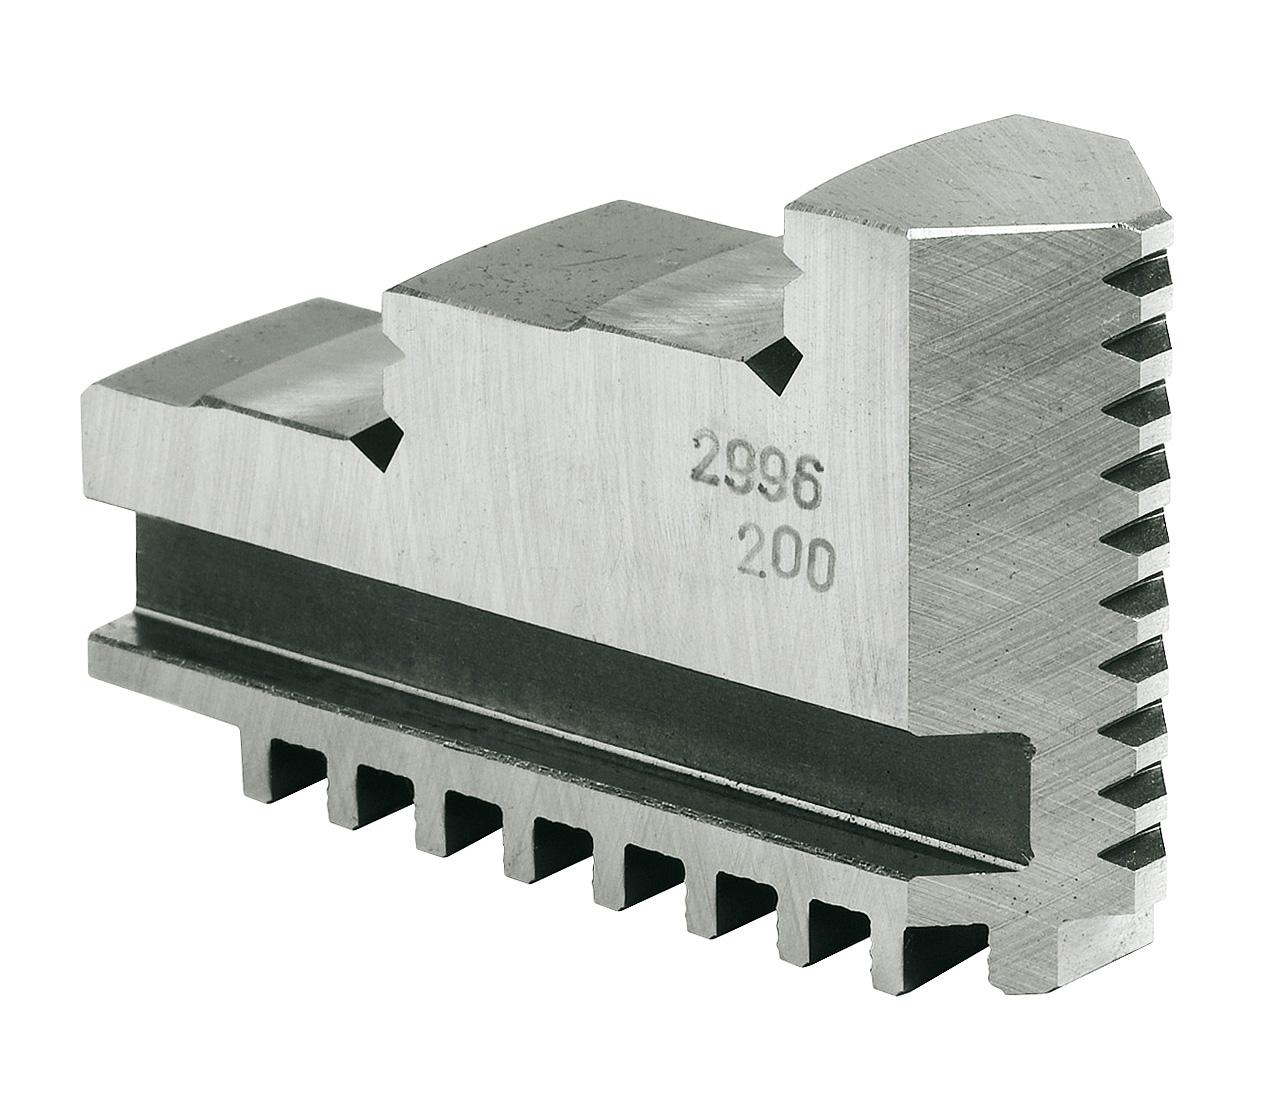 Szczęki jednolite twarde zewnętrzne - komplet OJ-PS3-200 BERNARDO